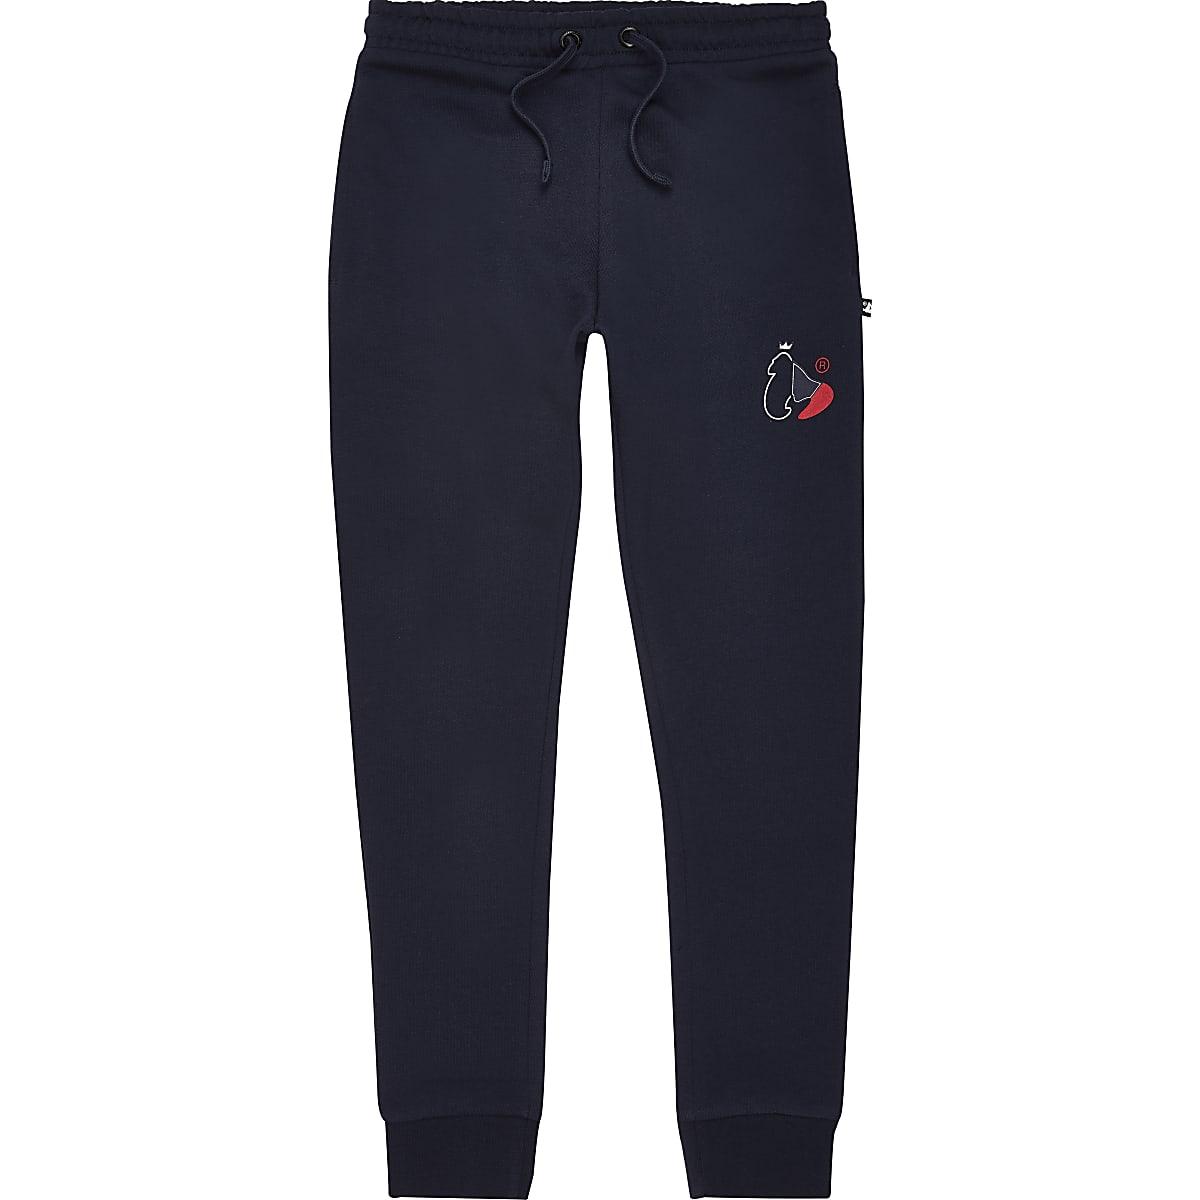 Money-kleding - Marineblauwe joggingbroek voor jongens